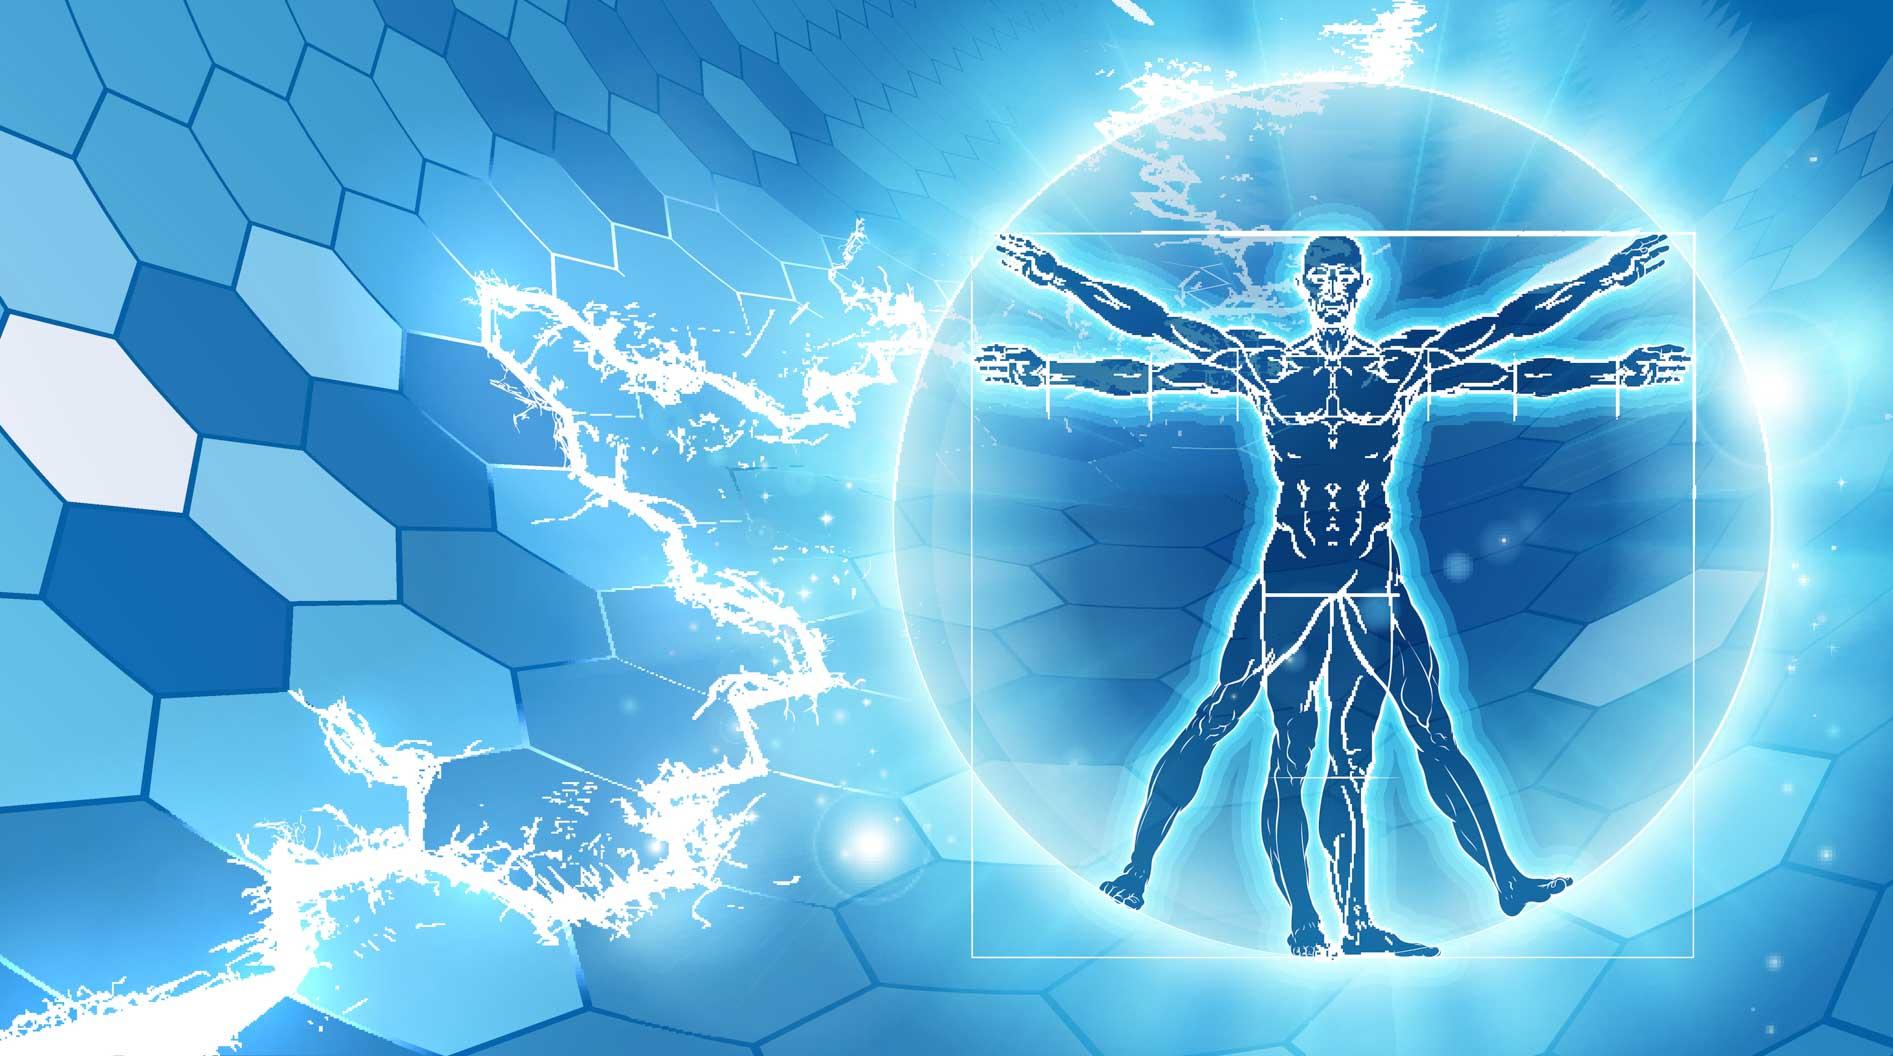 Blue Da Vinci man illustration